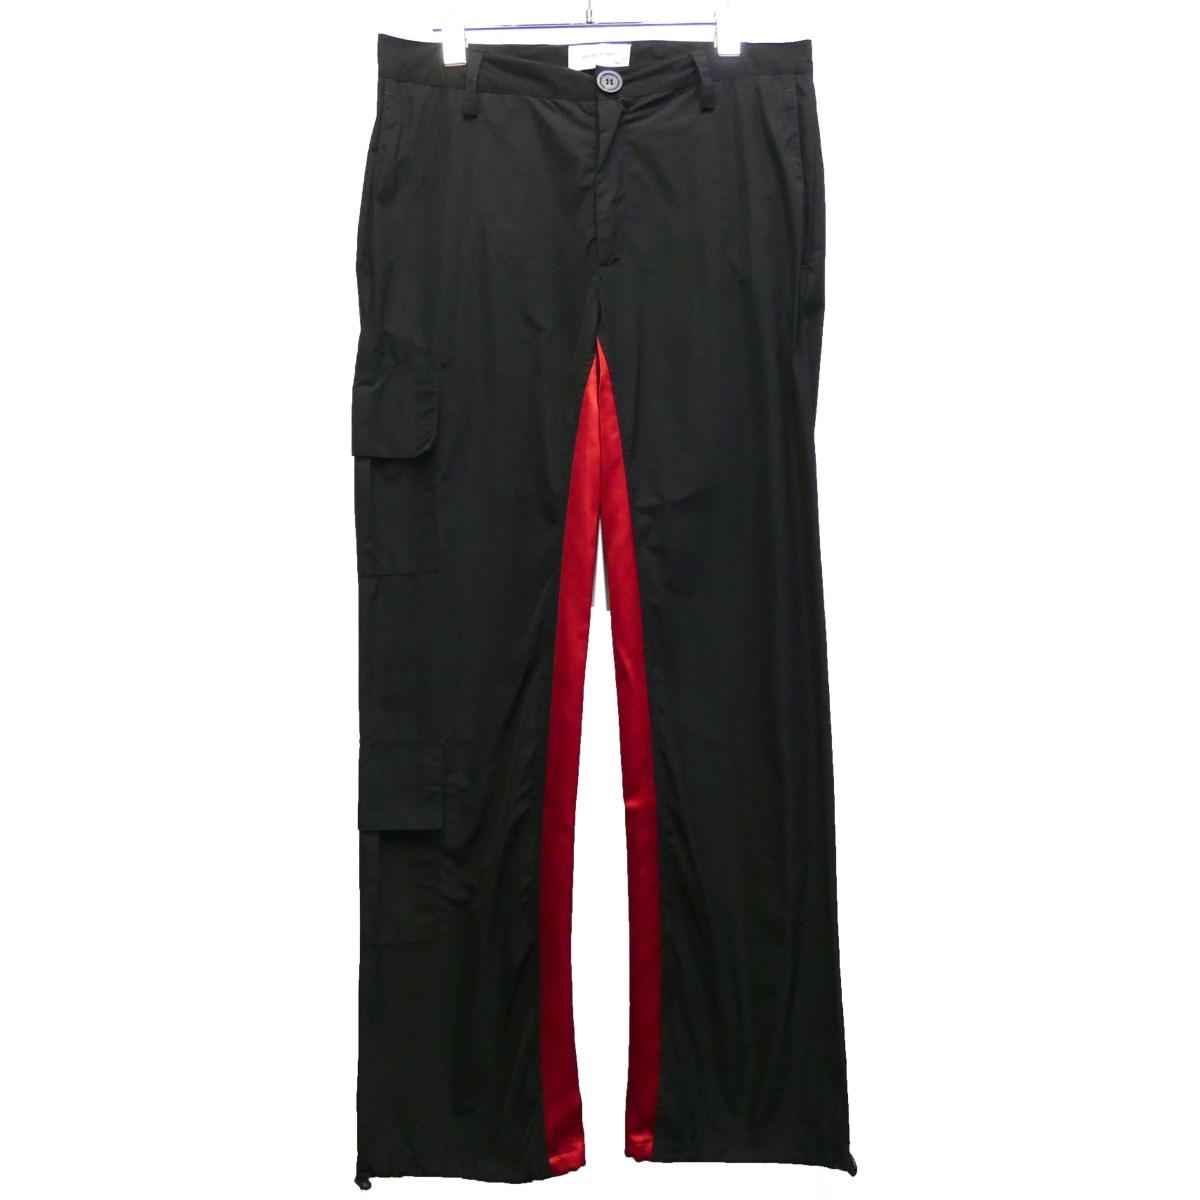 【中古】WALES BONNER 19SS カーゴパンツ ブラック サイズ:46 【200320】(ウェールズボナー)